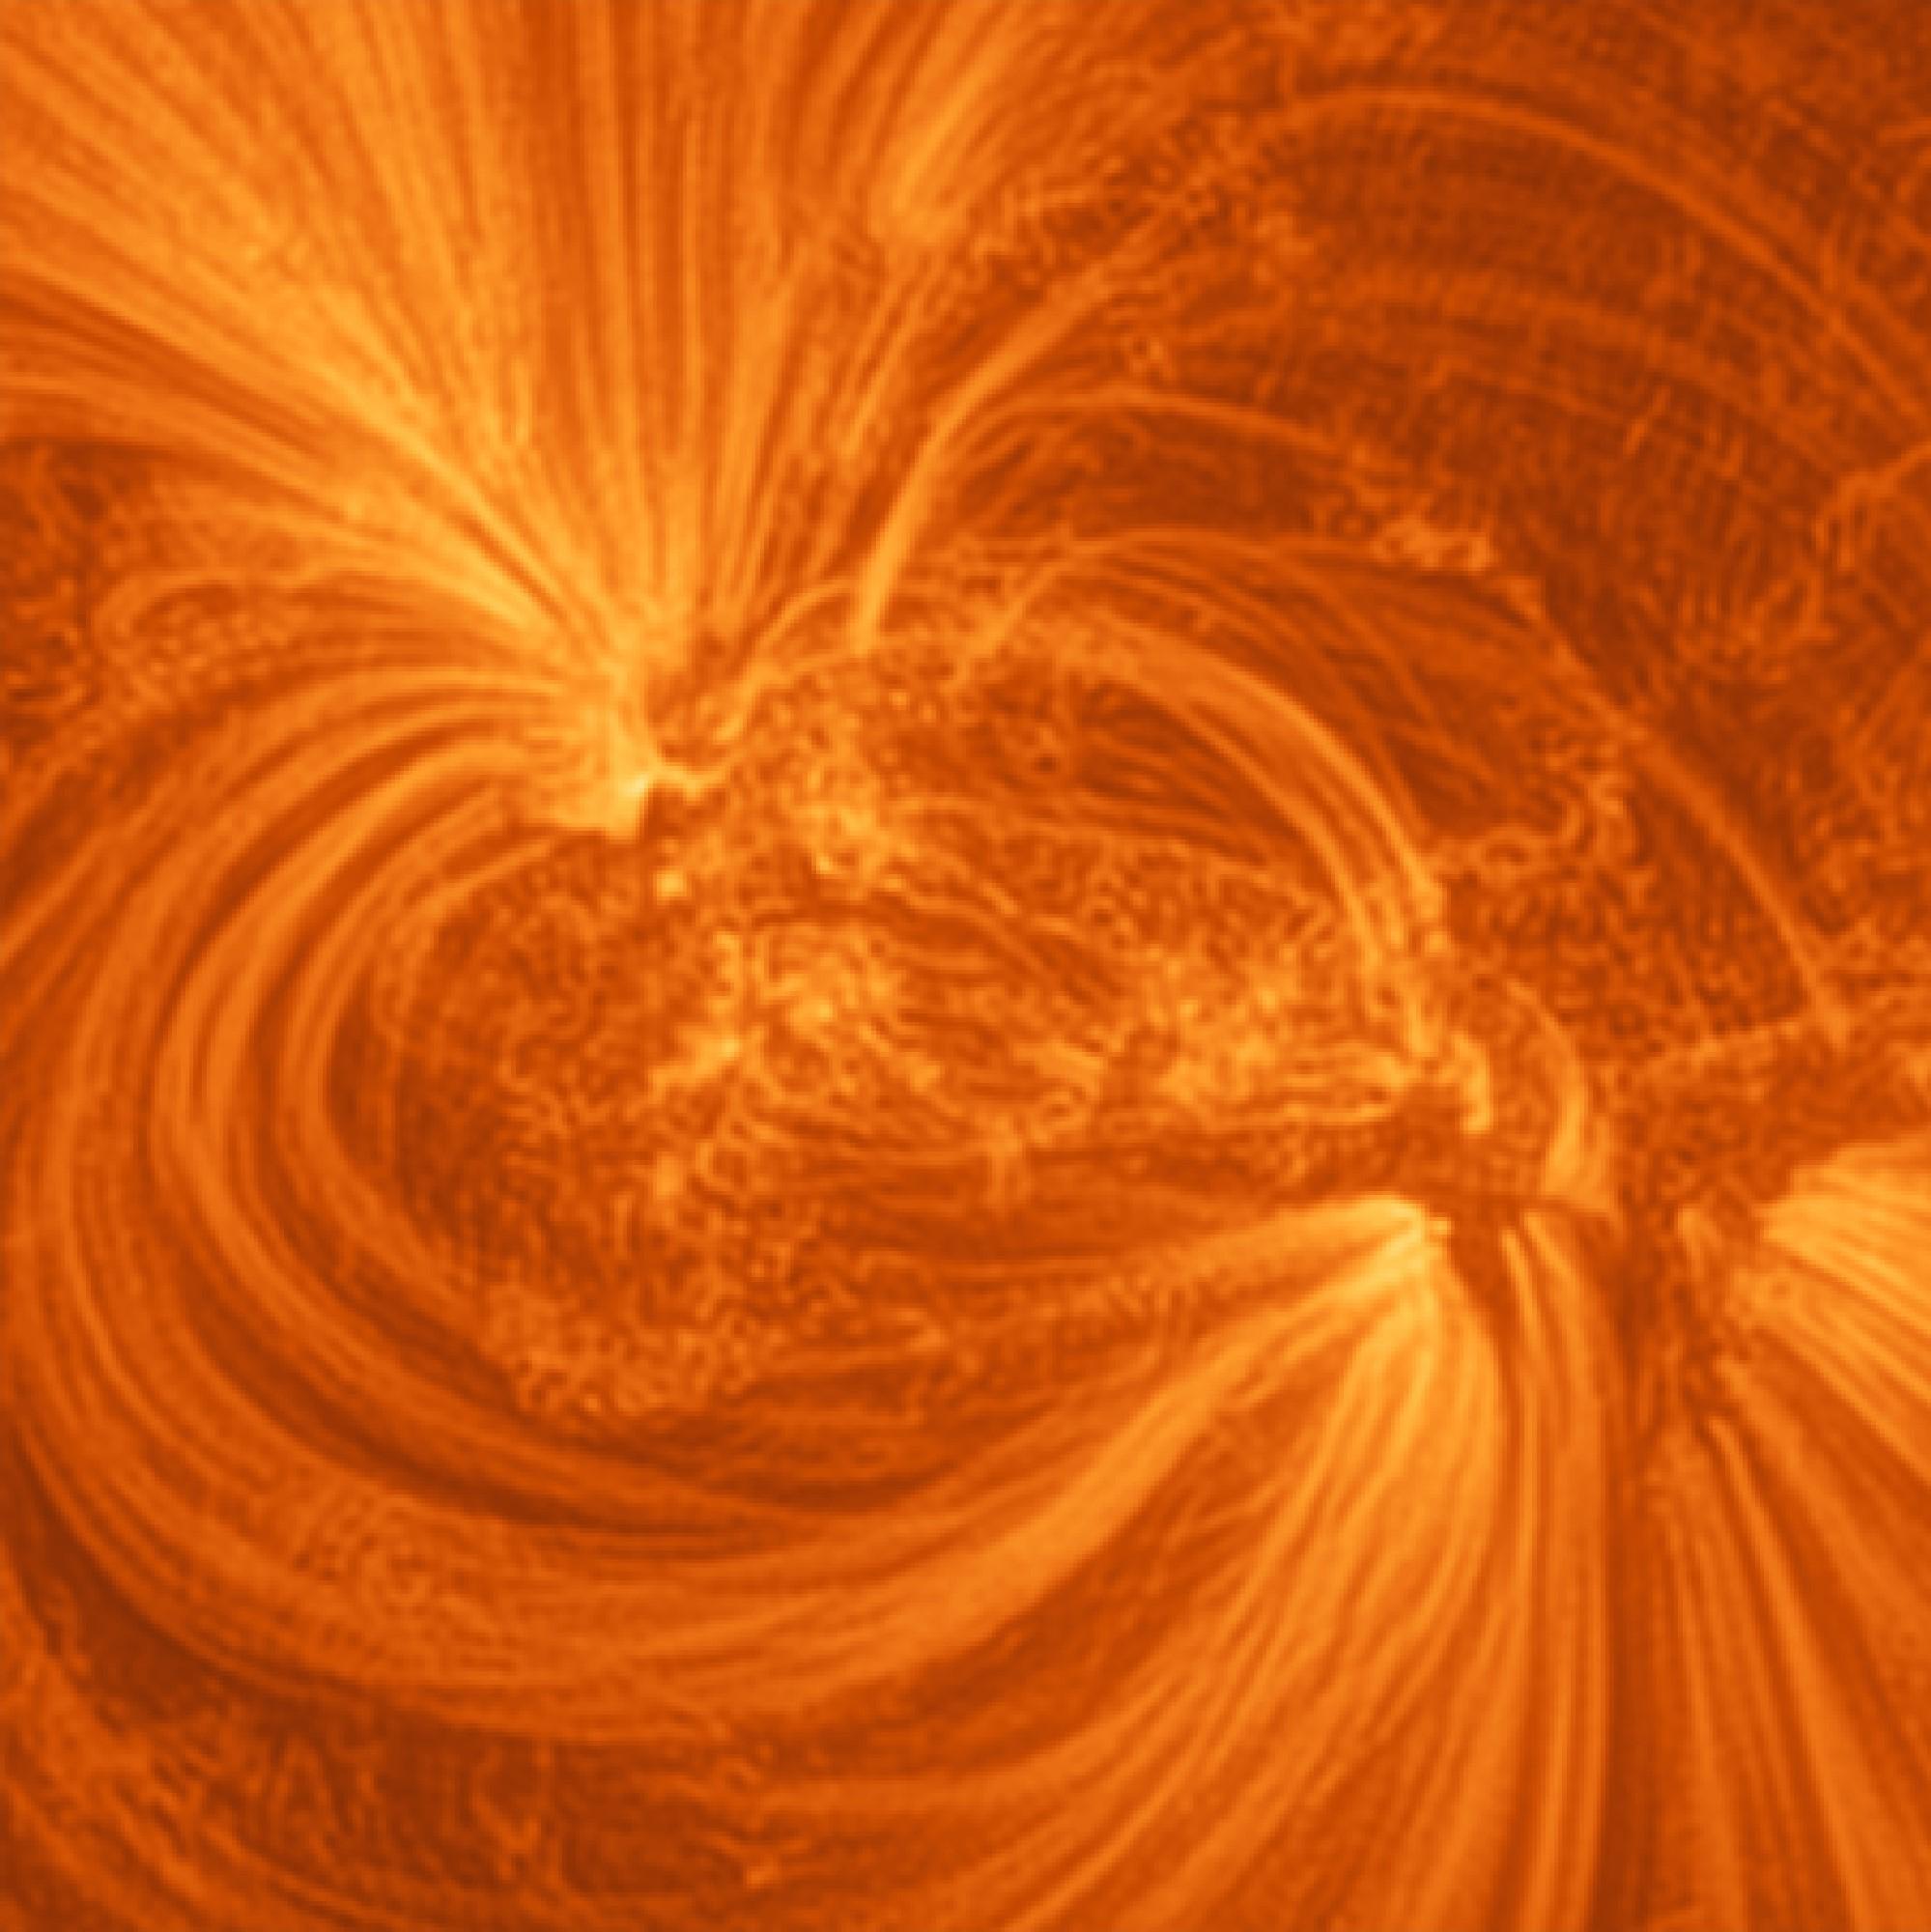 Sun image 7